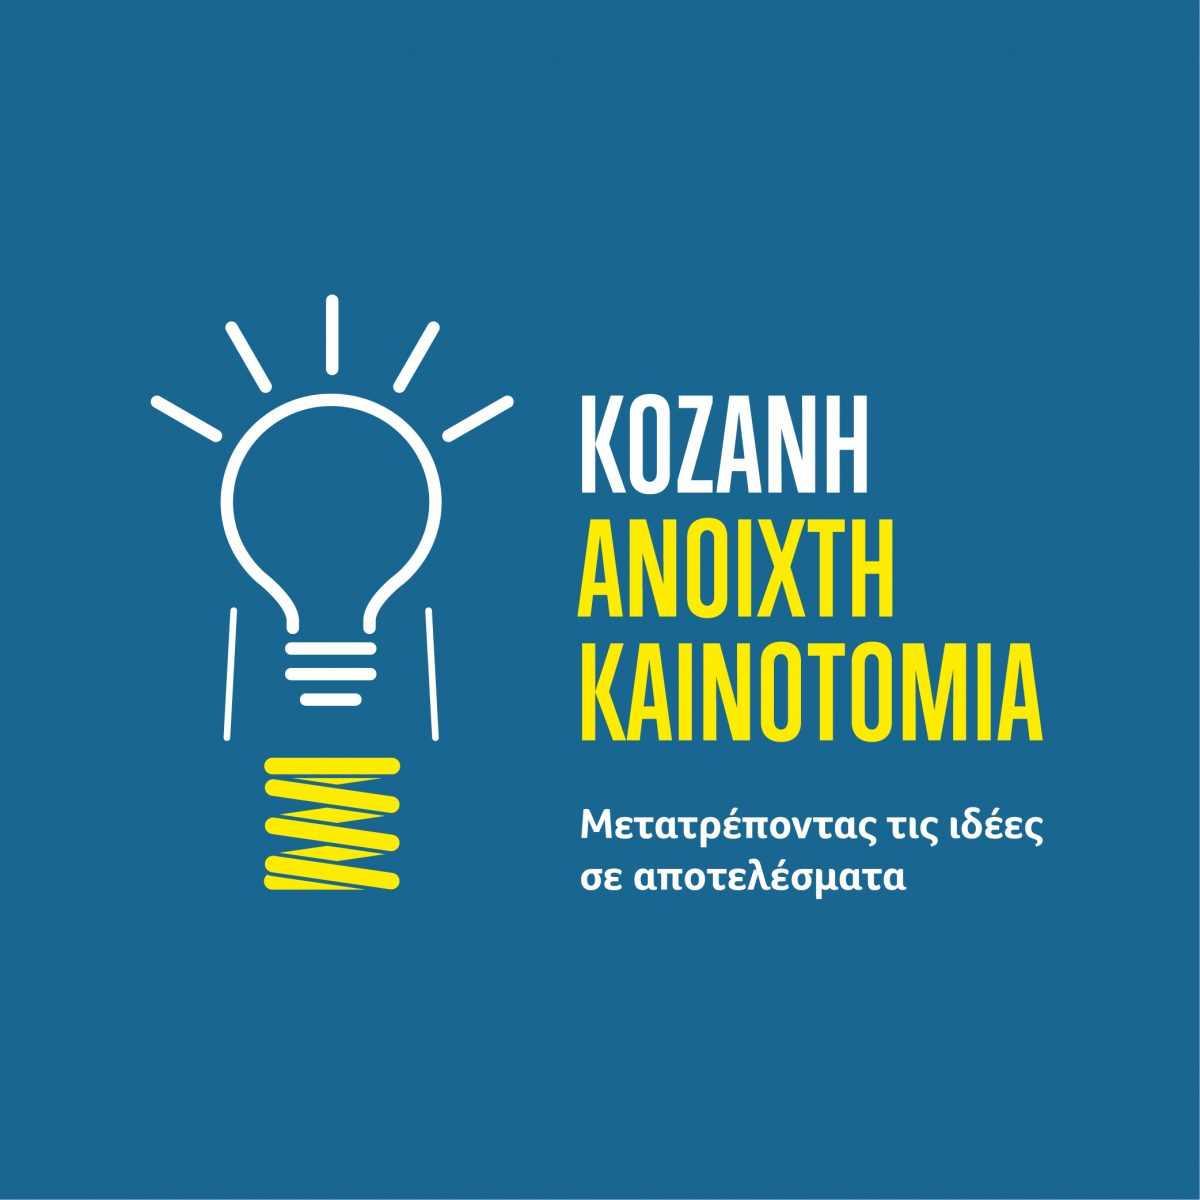 Ξεκινά το πρόγραμμα «Κοζάνη 2017: Δράση Ανοιχτής Καινοτομίας & Επιχειρηματικότητας» με τη συμμετοχή 10 επιχειρήσεων και 60 φοιτητών